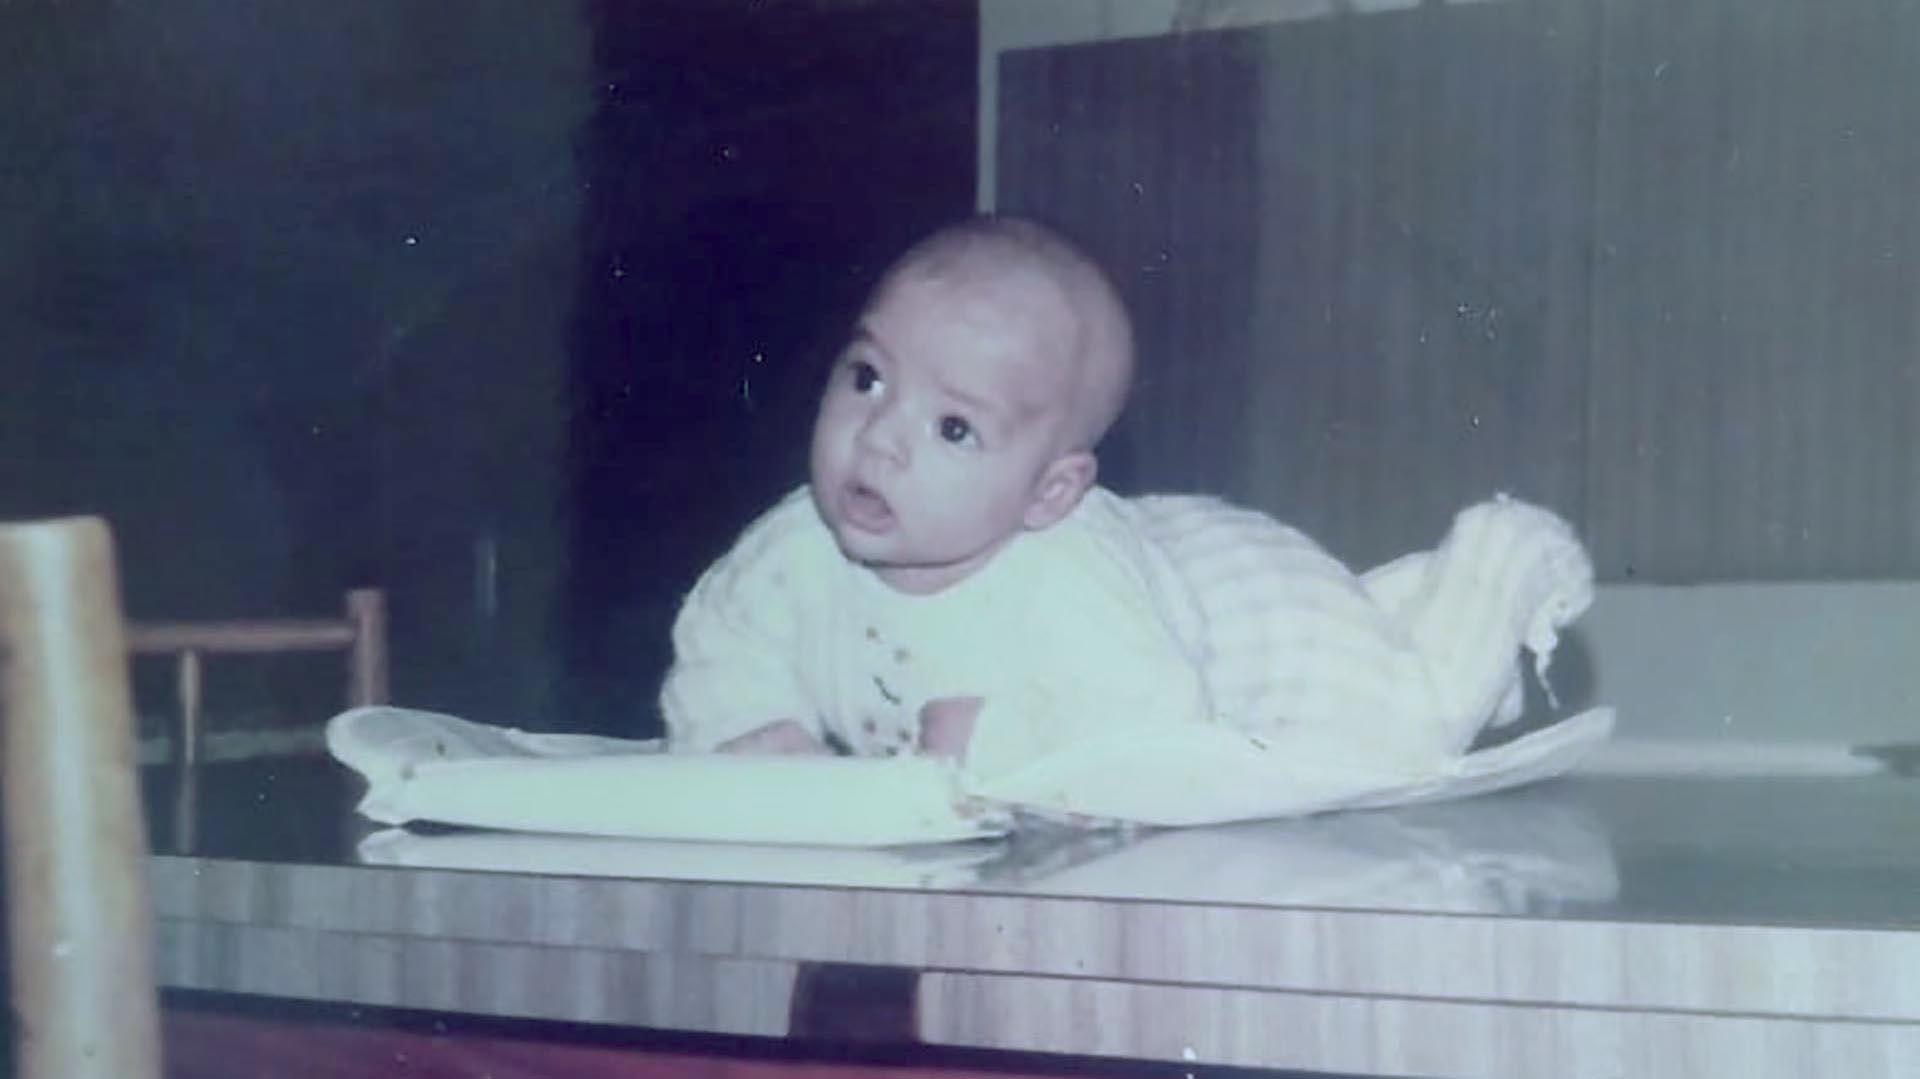 Natalia, en una foto familiar. Llegó a su familia adoptiva antes de cumplir un mes de vida